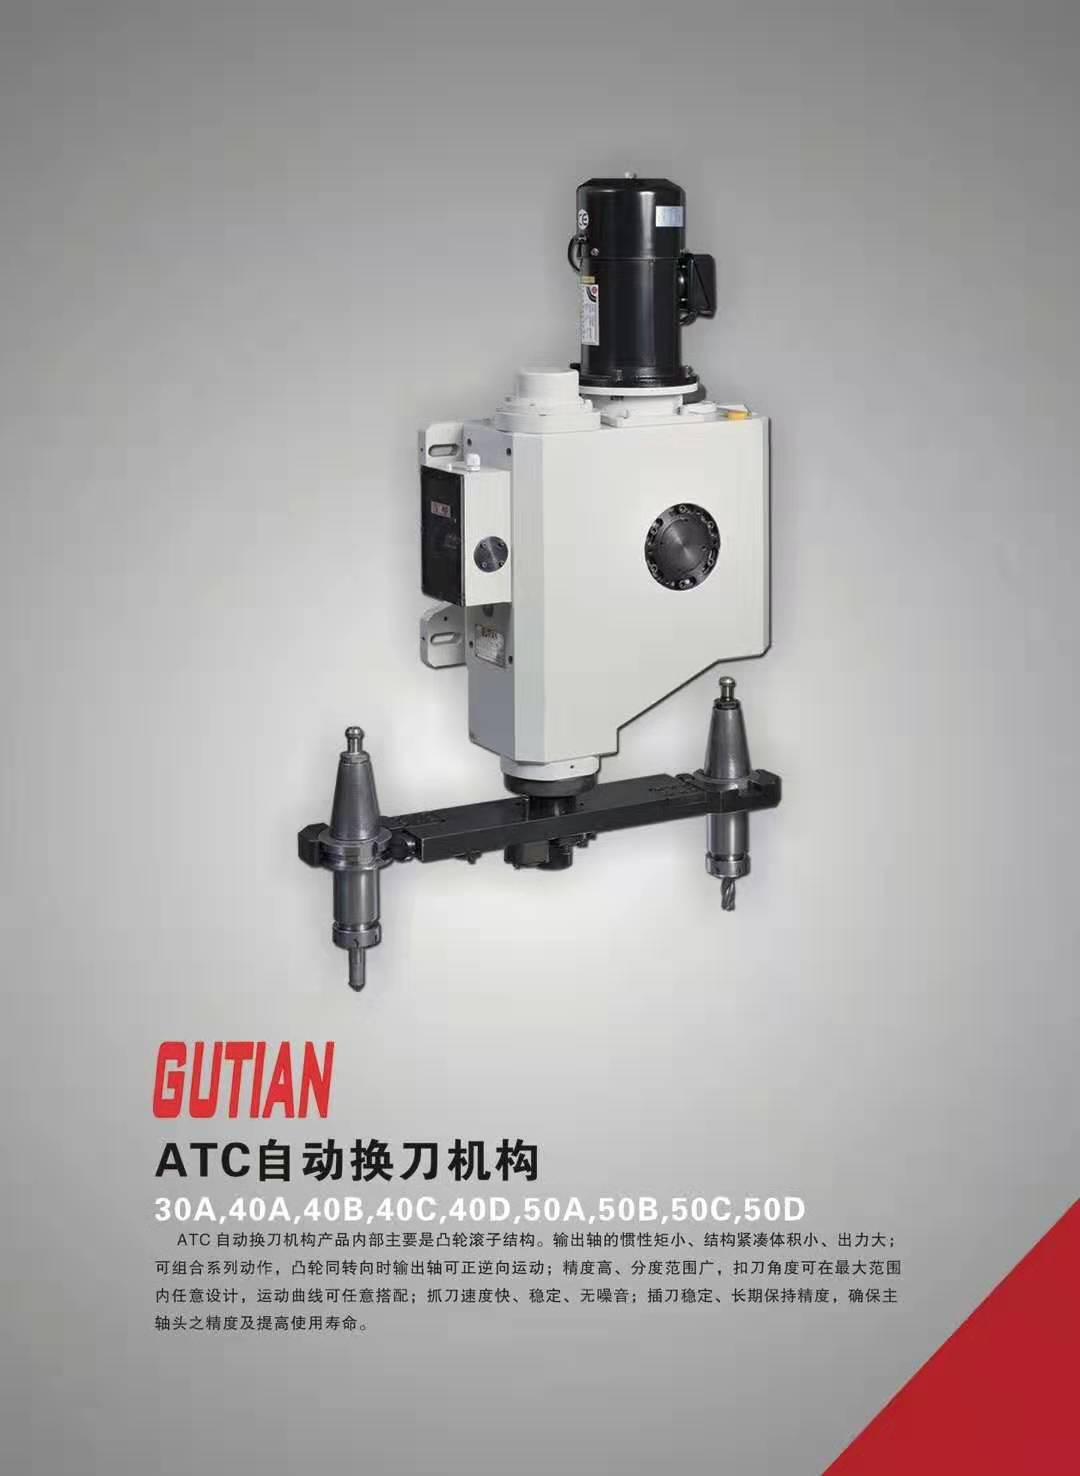 漳州ATC换刀机构销售 厦门昇泰电子机械供应